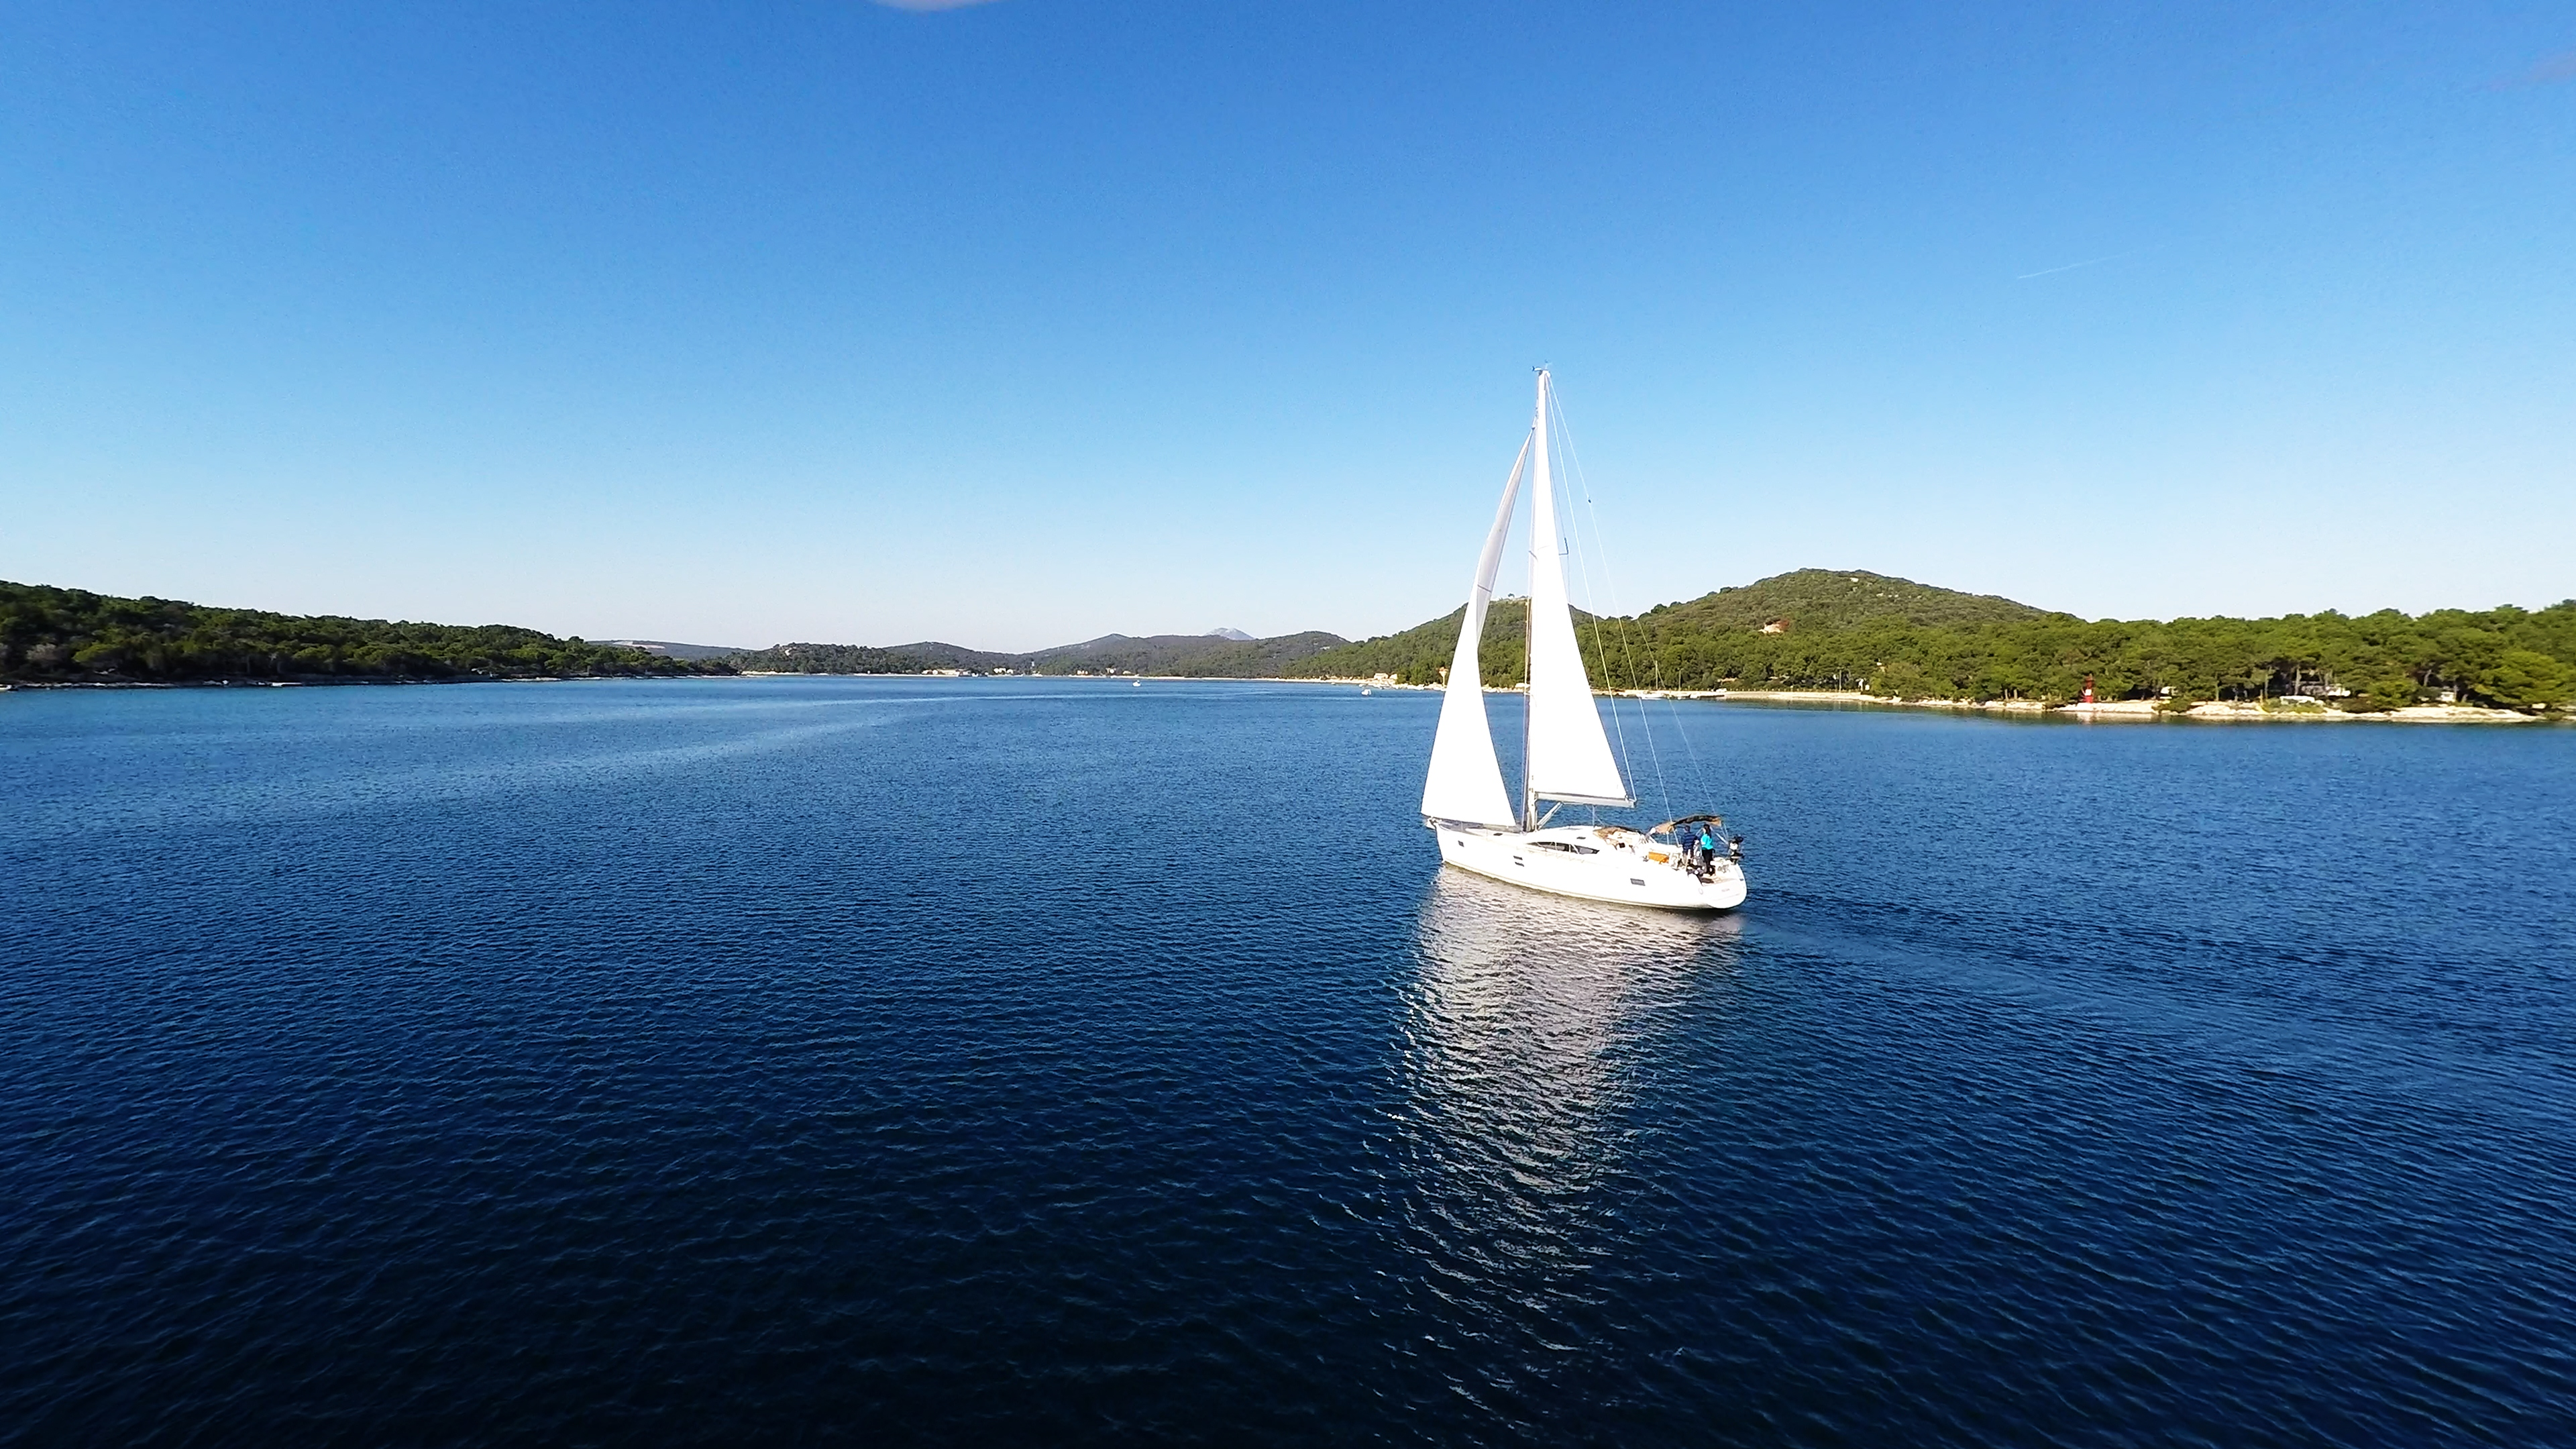 bateau à voile ciel bleu baie de mer voilier losinj Croatie